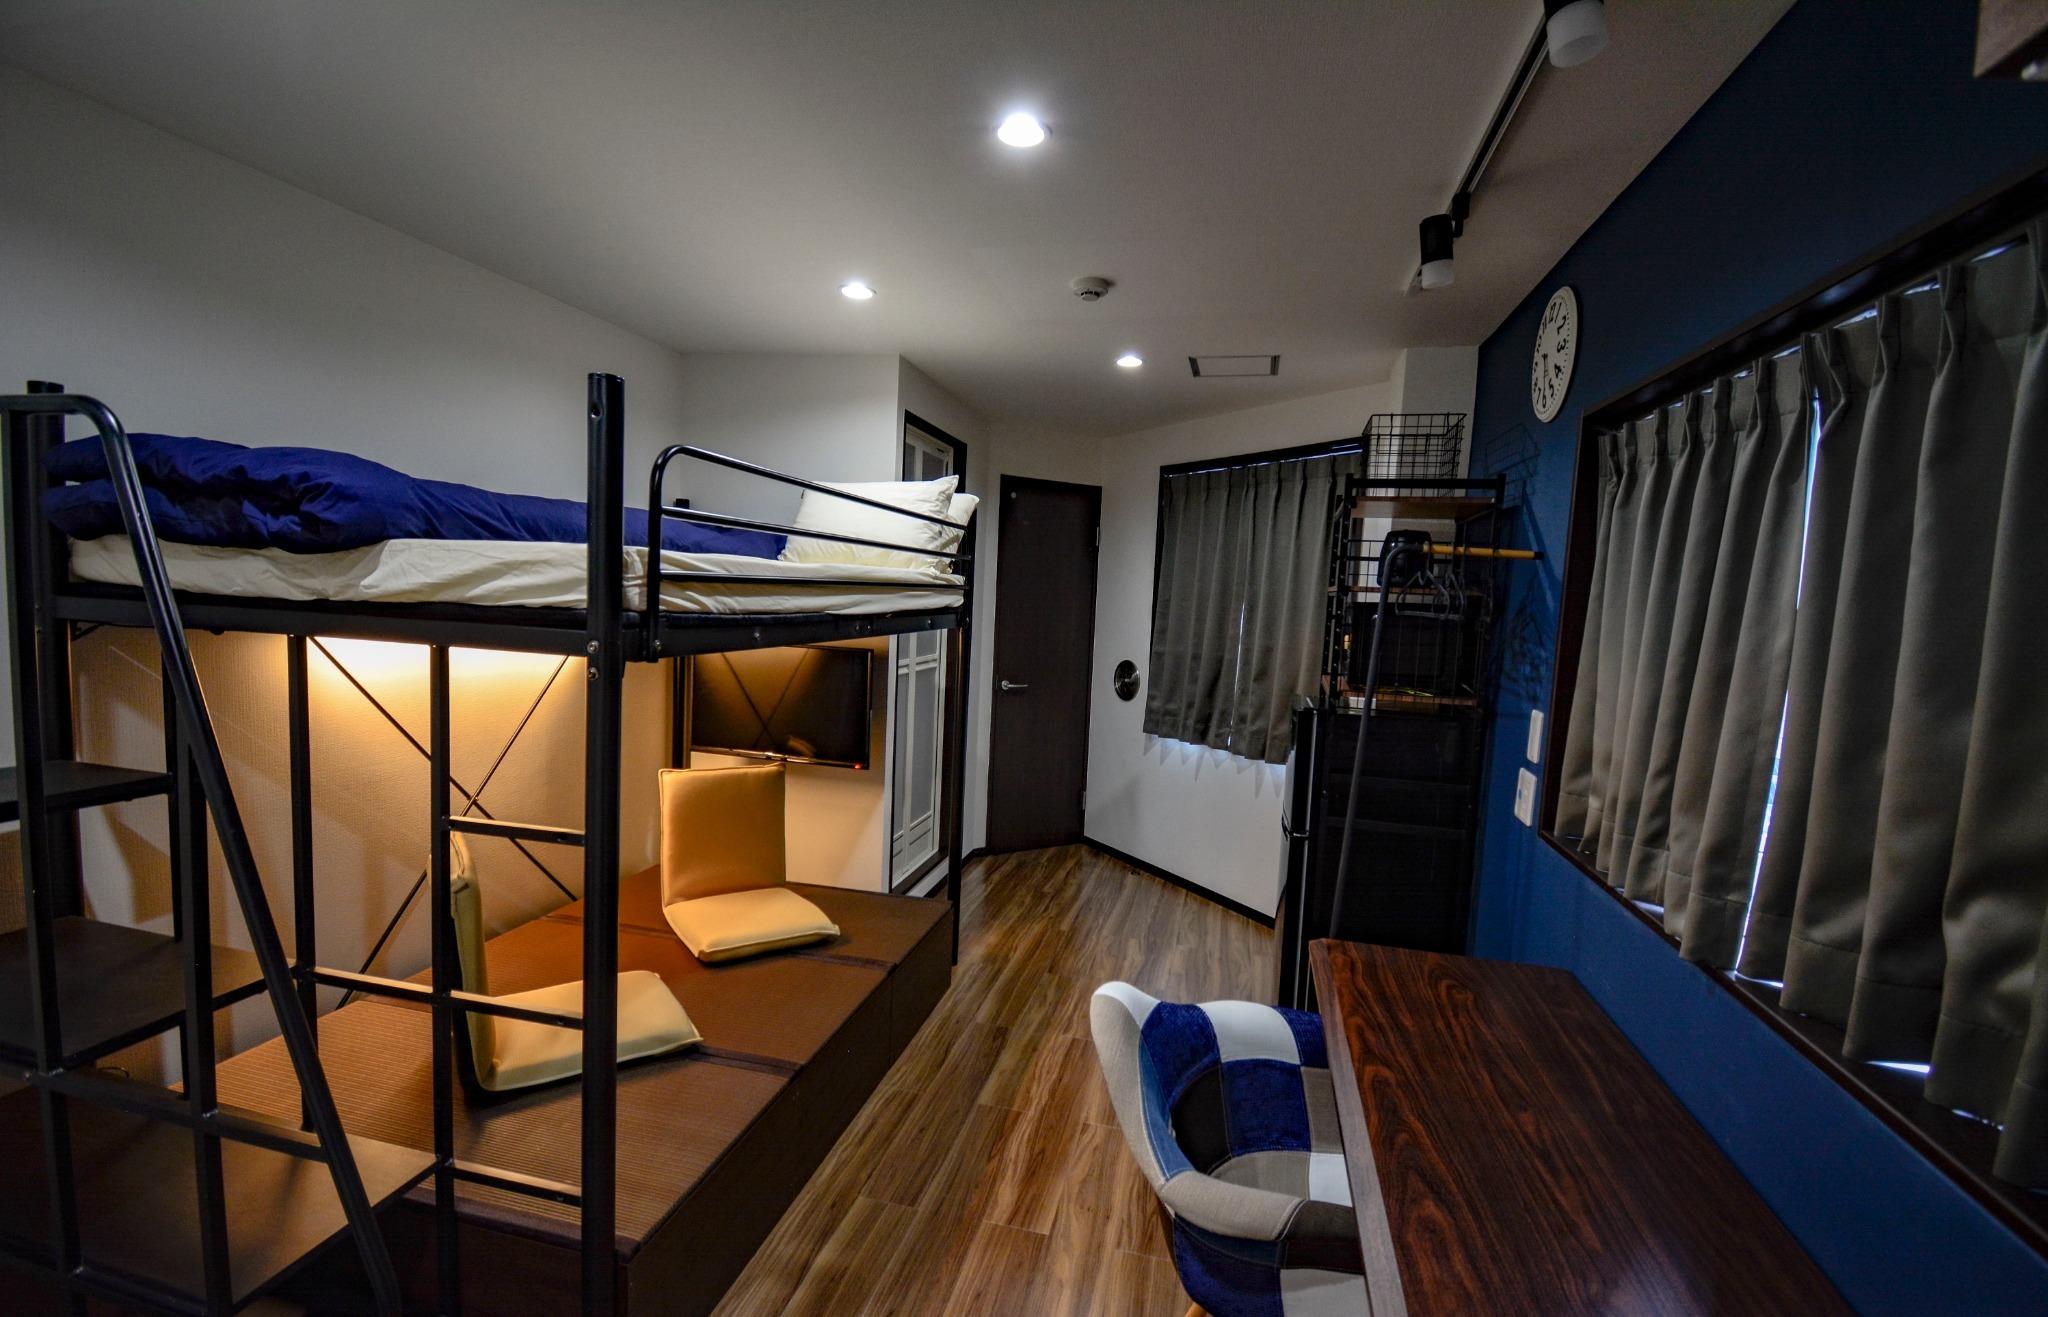 セミダブルサイズ二段ベッド